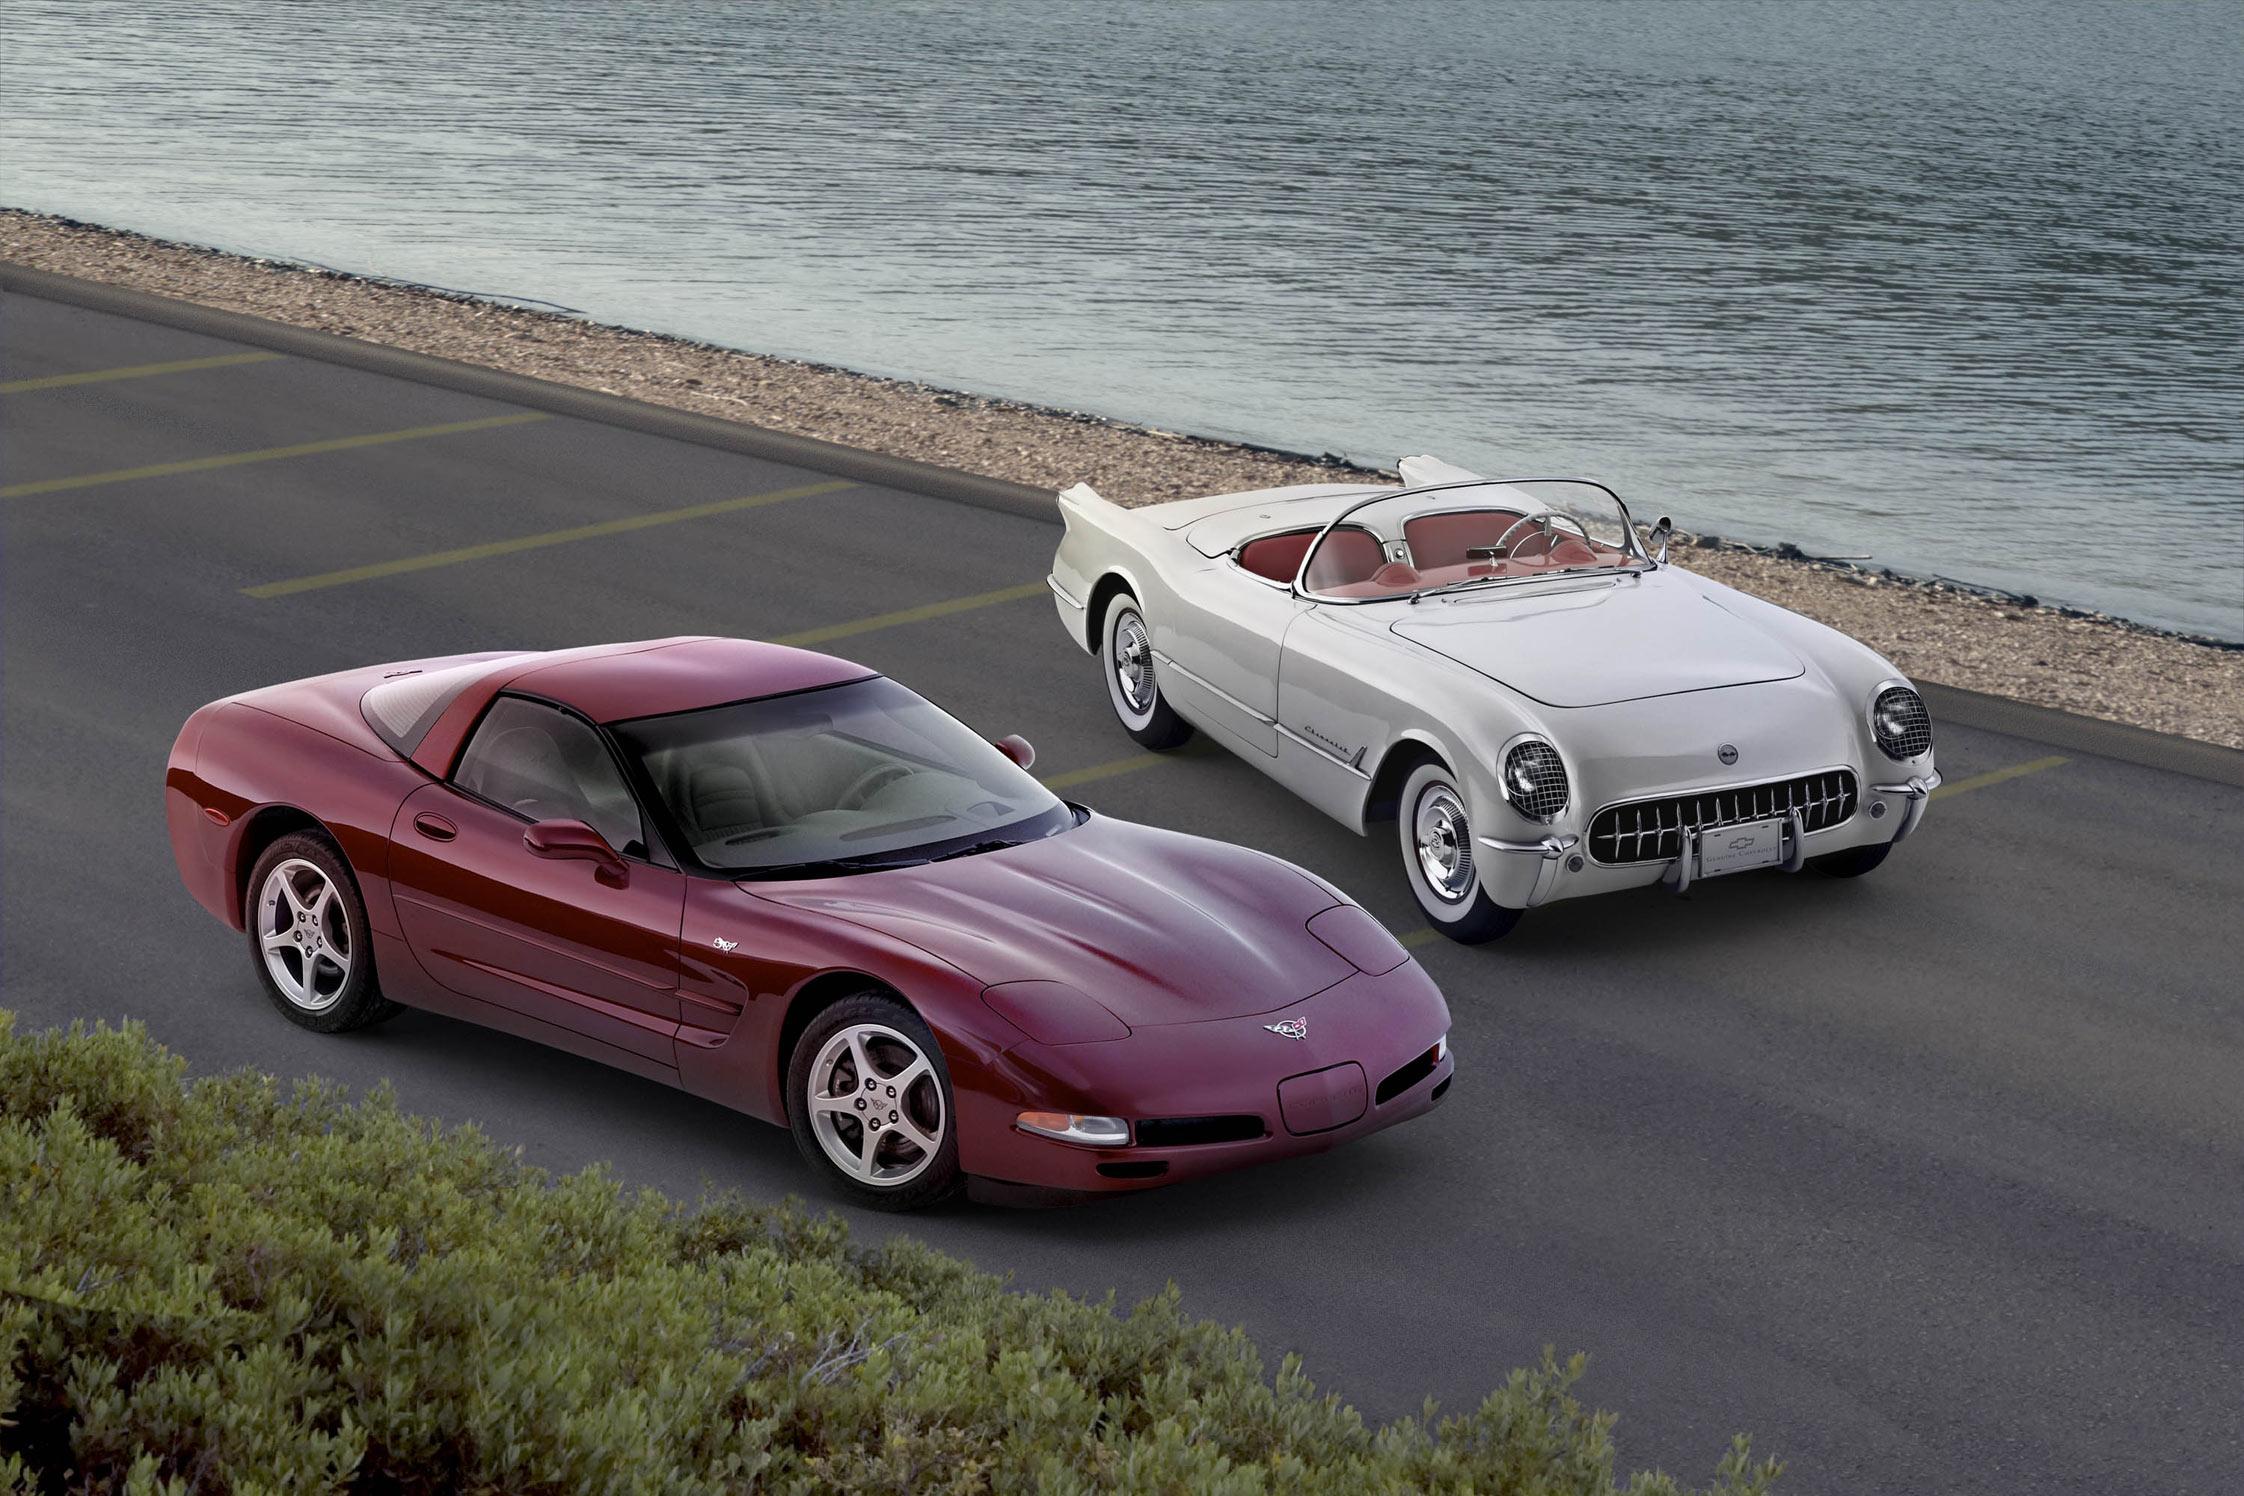 Corvette c1 et c5 50th anniversary les 100 ans de chevrolet diaporama photo - Diaporama anniversaire 18 ans ...